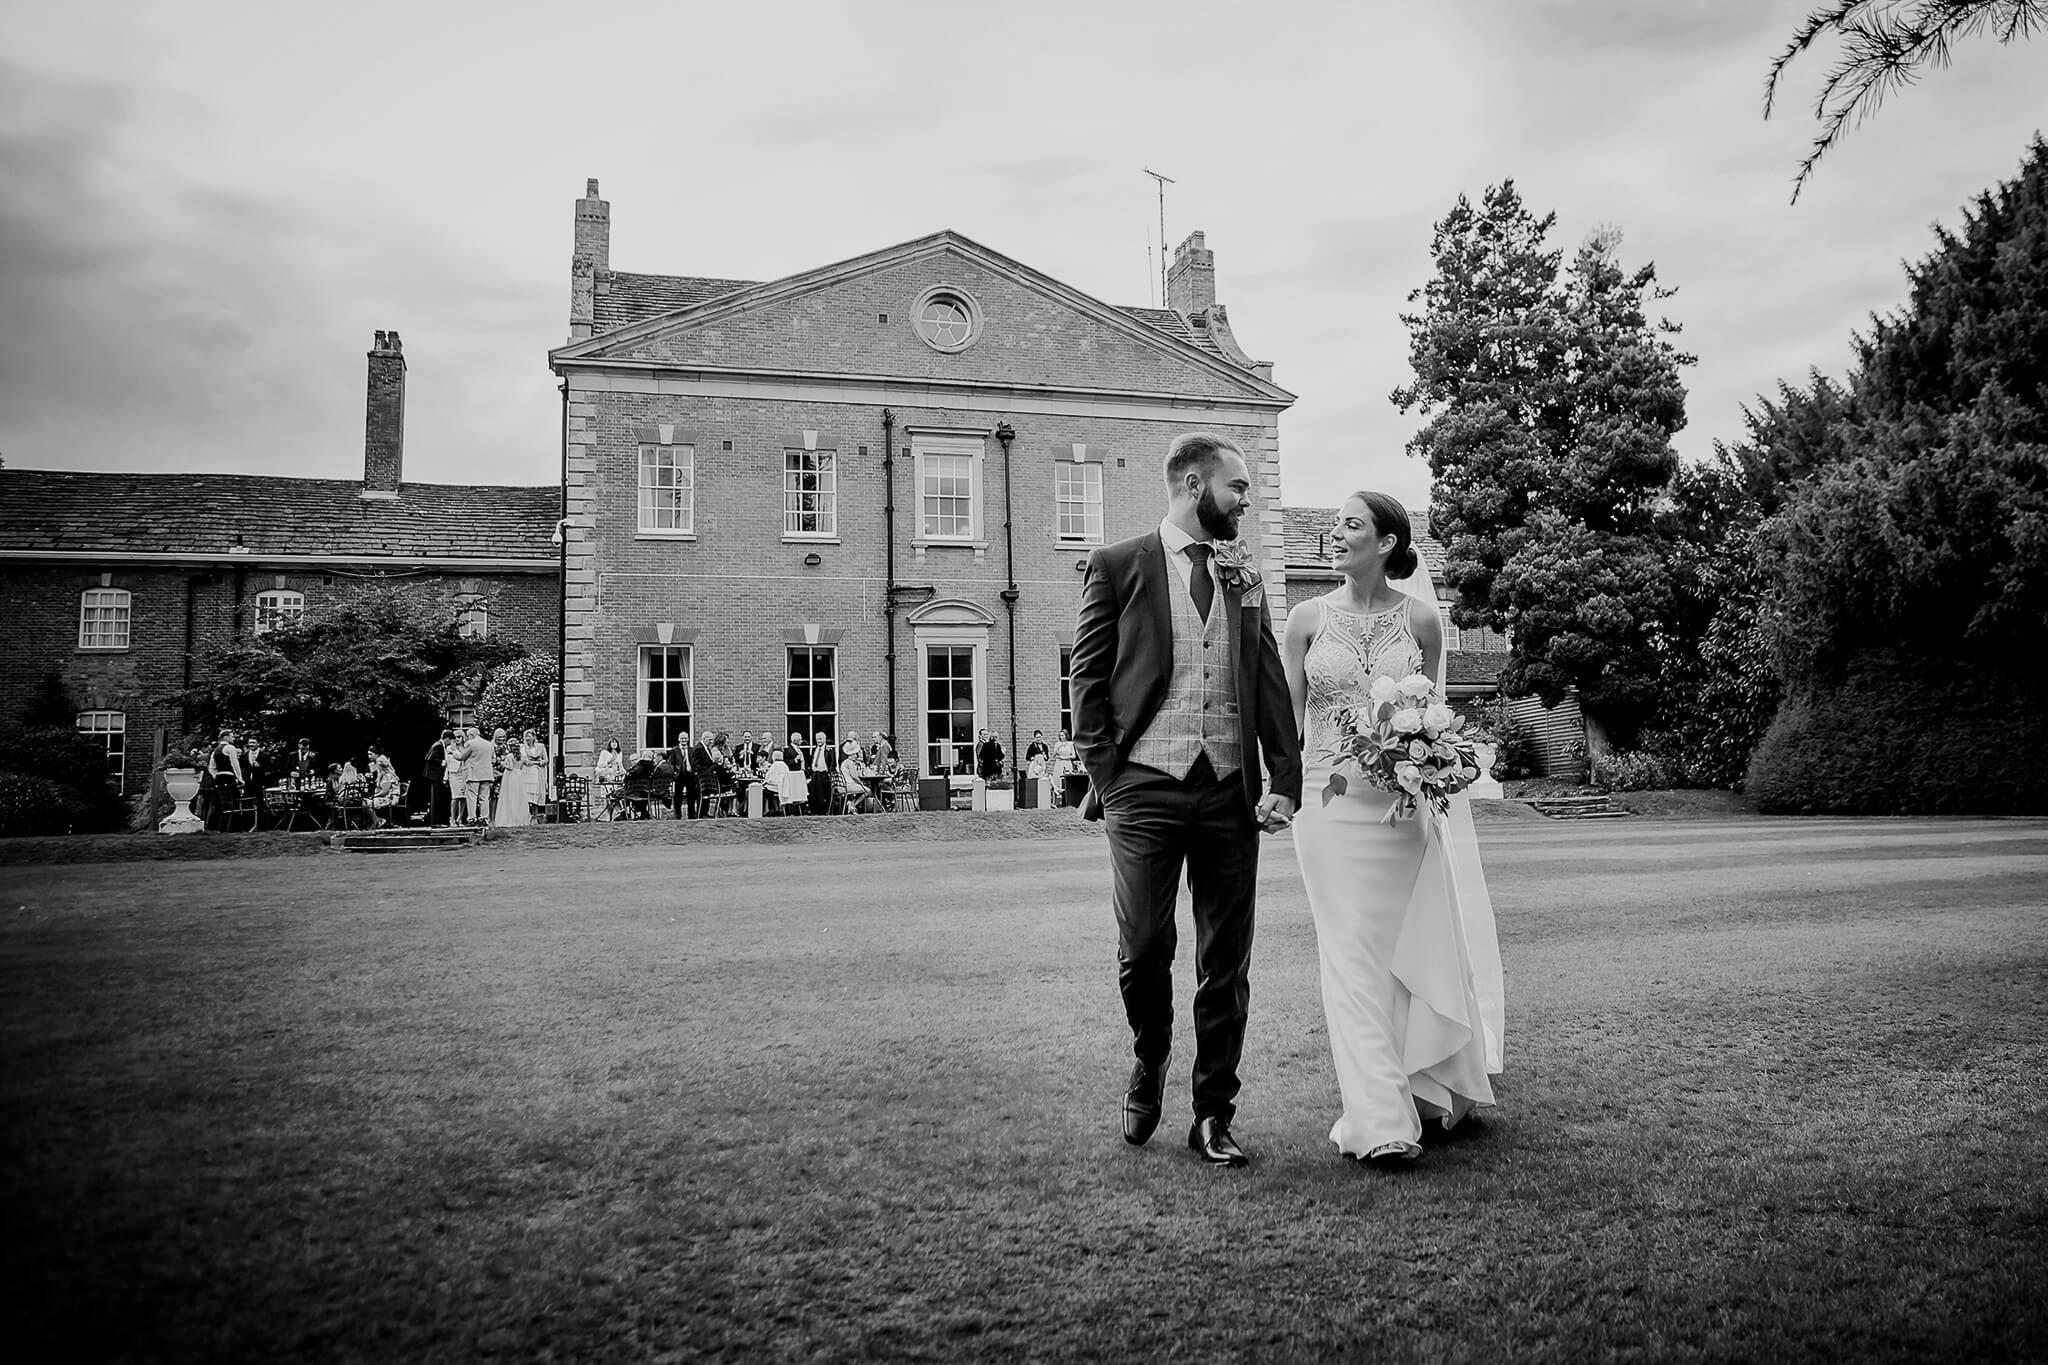 mottram-hall-wedding-photographer-cheshire-025